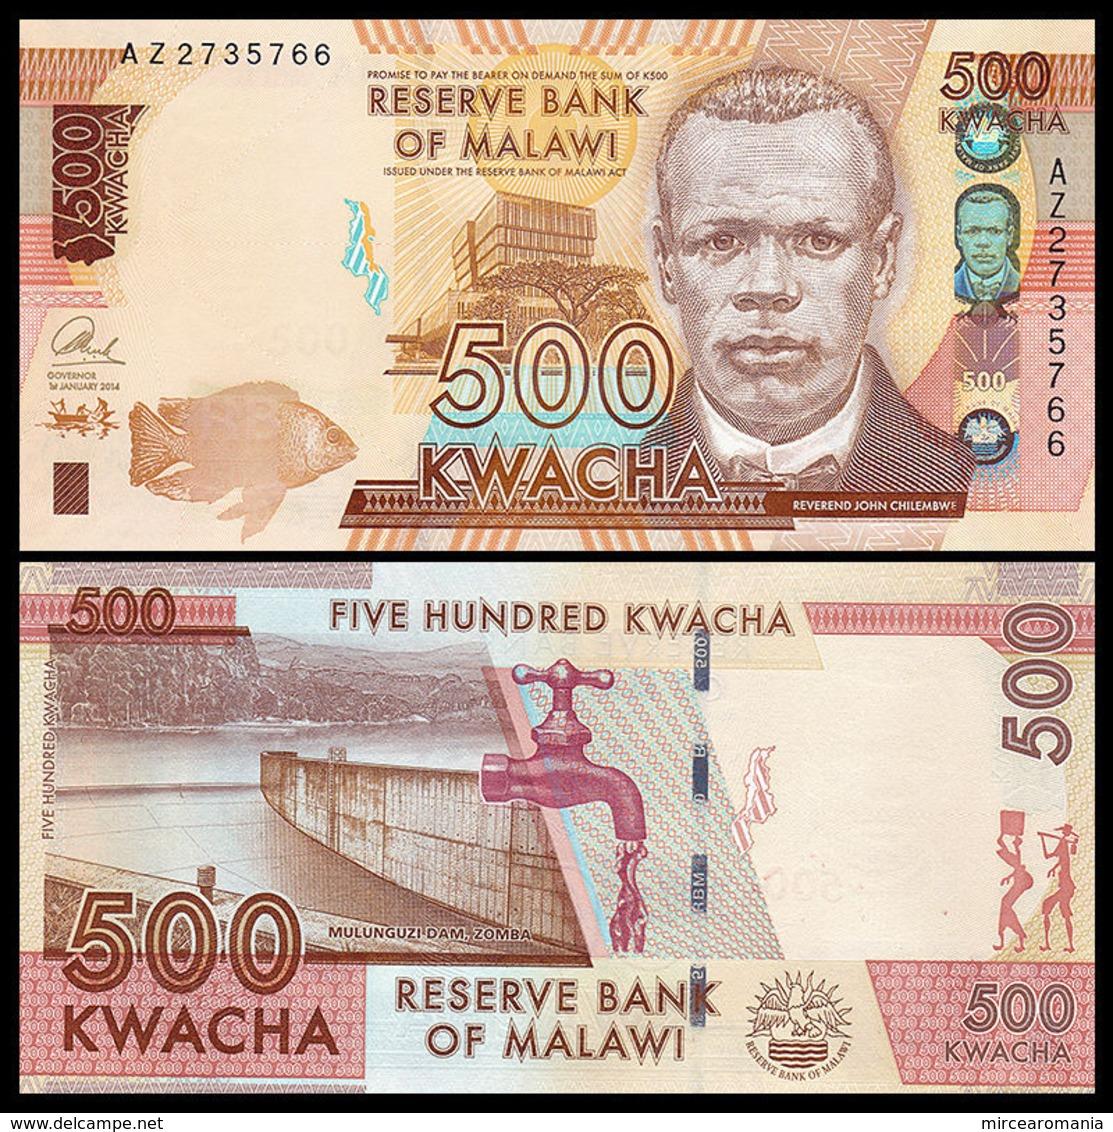 MALAWI - 500 KWACHA - 2014 - UNC - Malawi